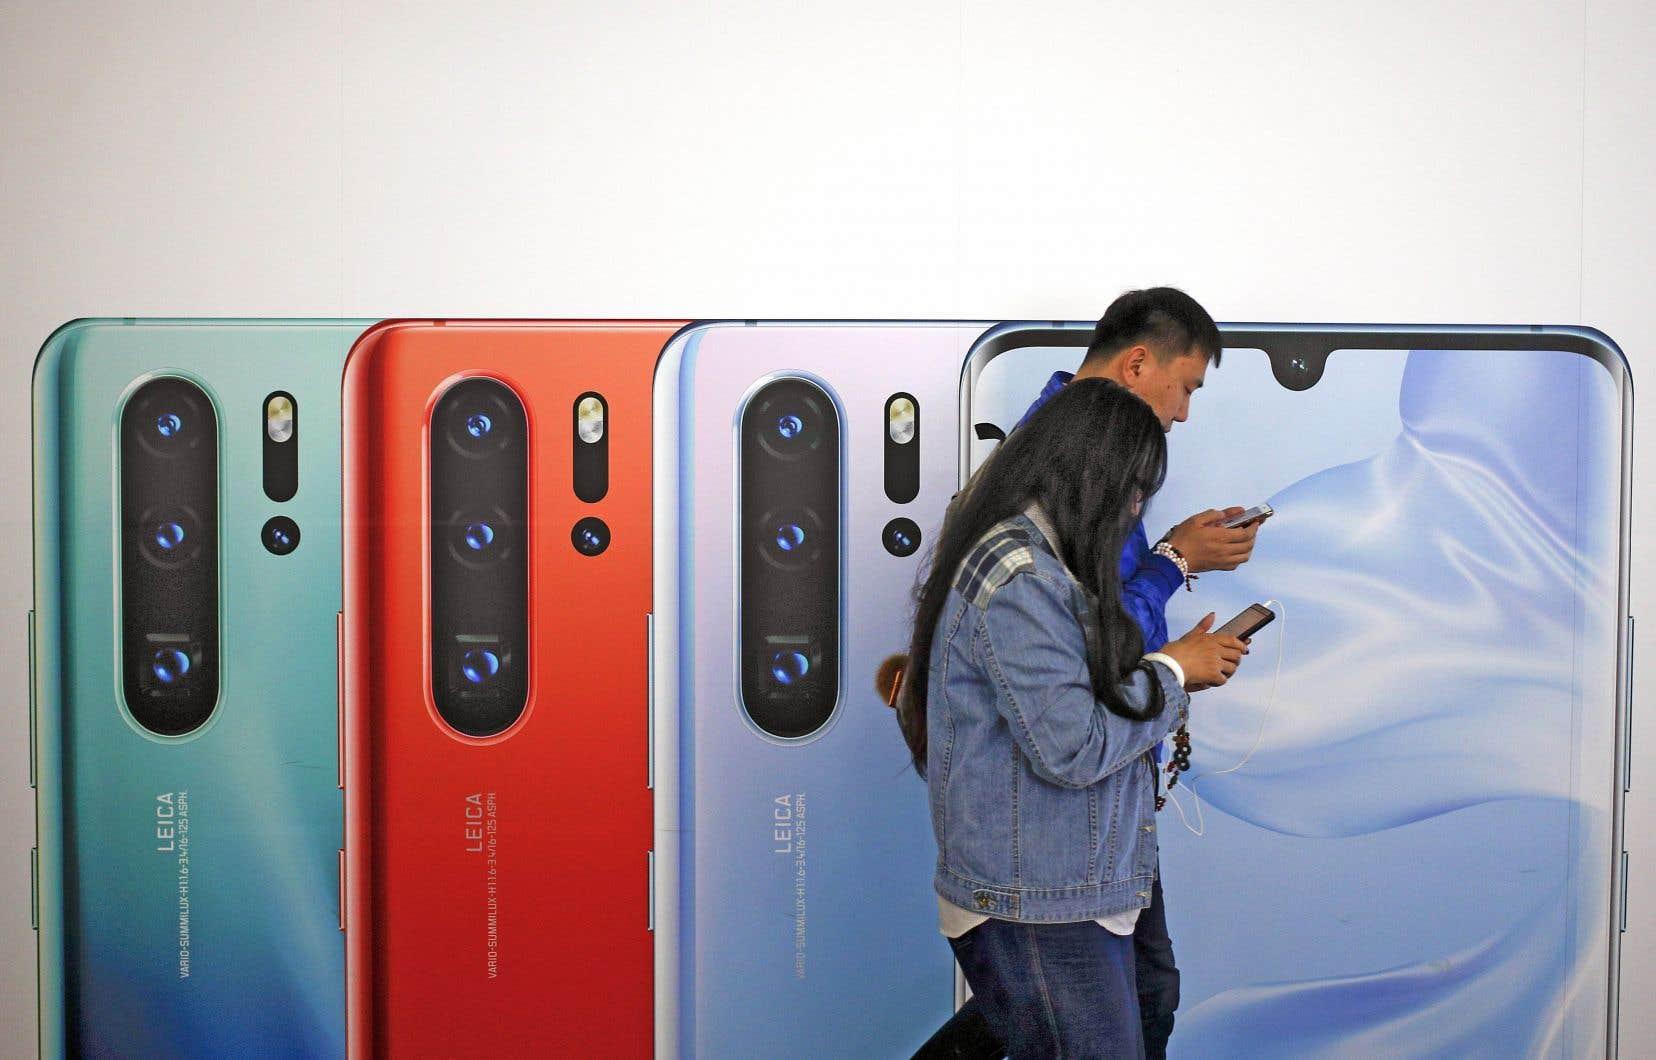 Huawei, le géant chinois des téléphones intelligents, est menacé dans son existence même par un embargo américain sur les puces électroniques.